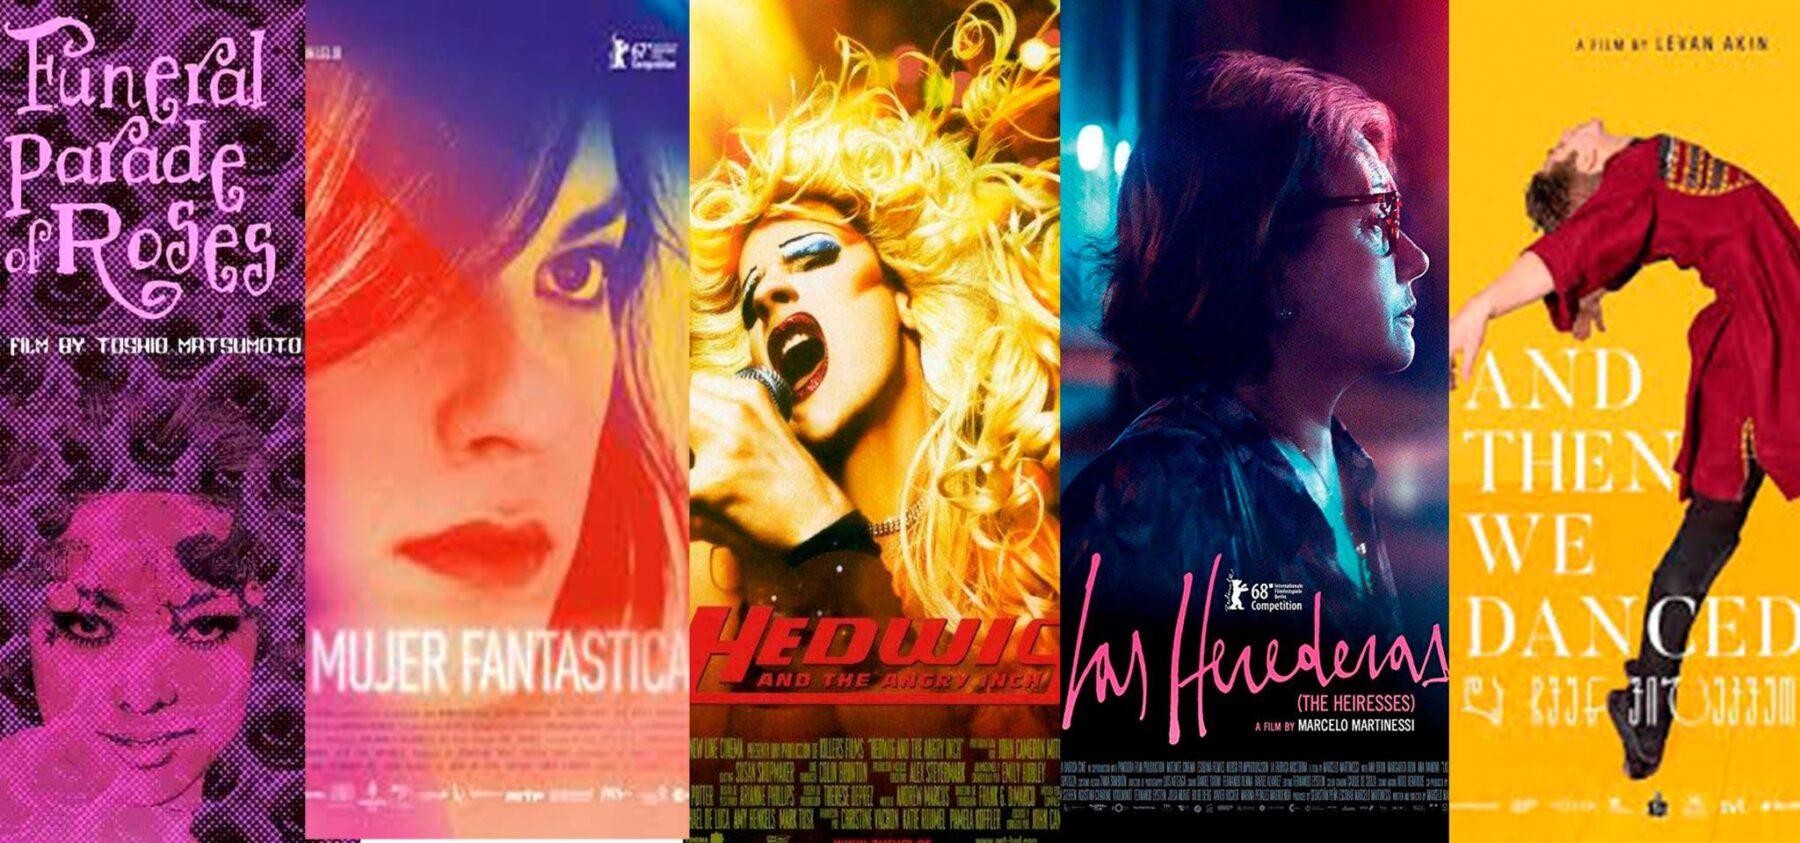 Cine y diversidad sexual: Películas para ver este Día del Orgullo LGBTIQ+